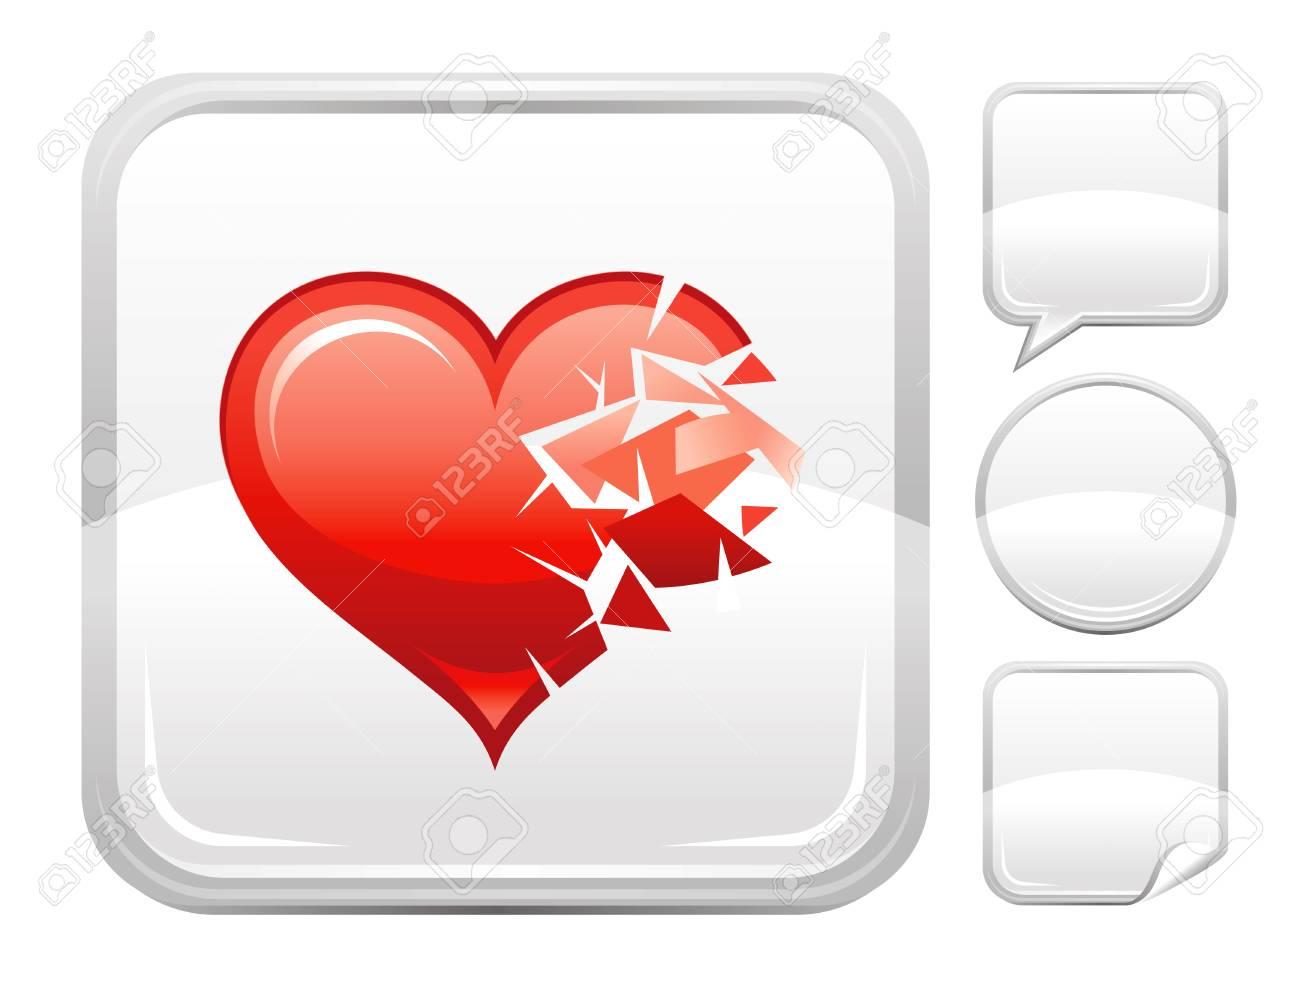 Joyeux Amour De La Saint Valentin Icone De Coeur Brise Isole Sur